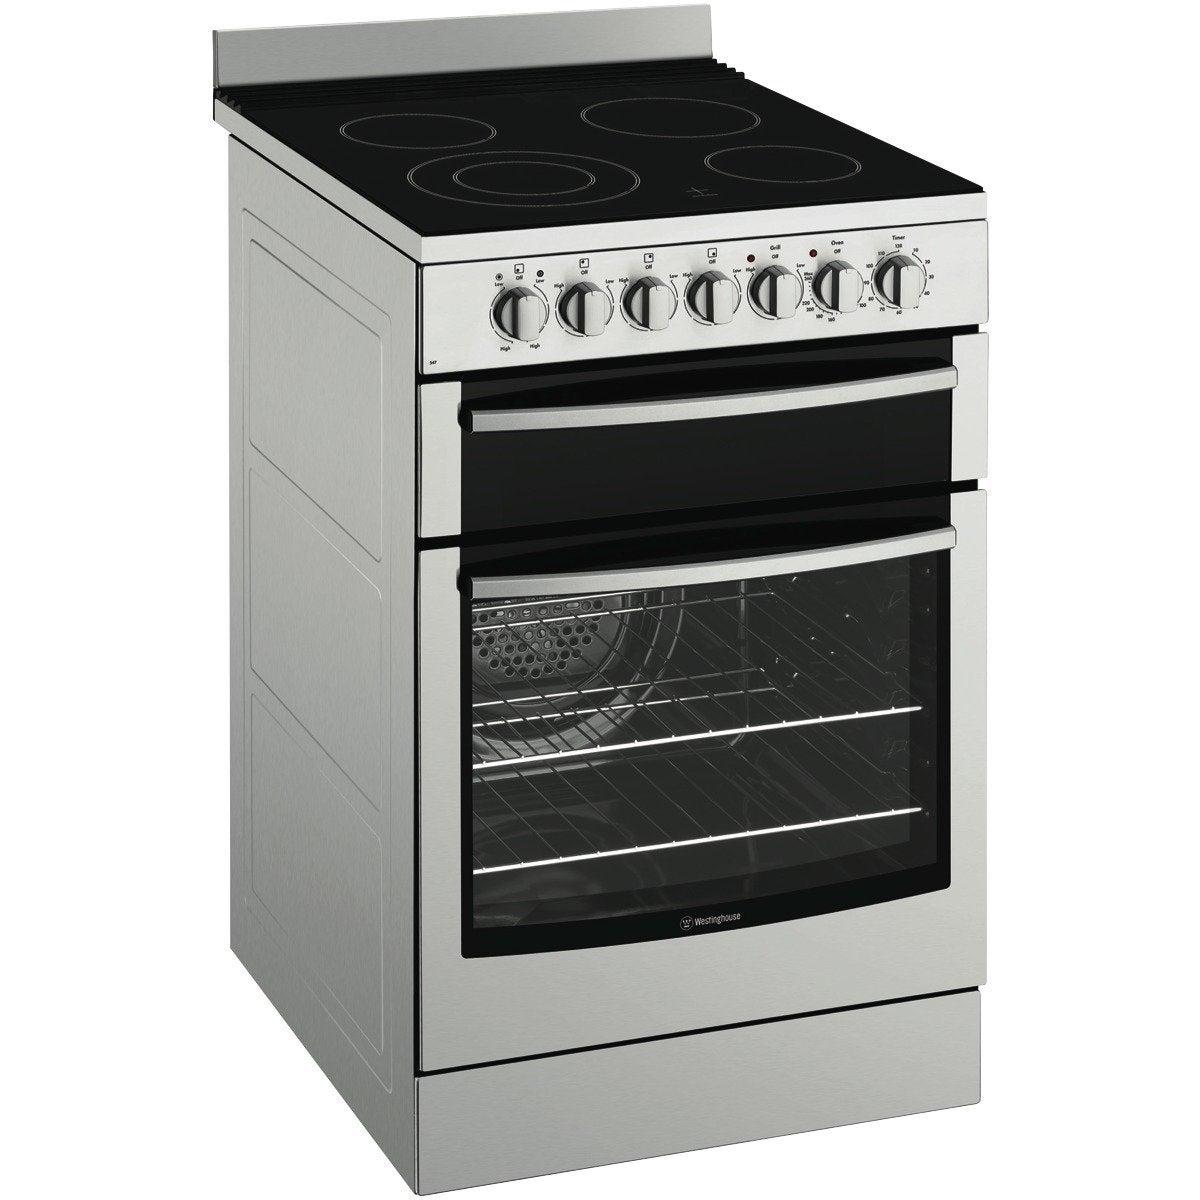 Westinghouse WFE547SA Oven